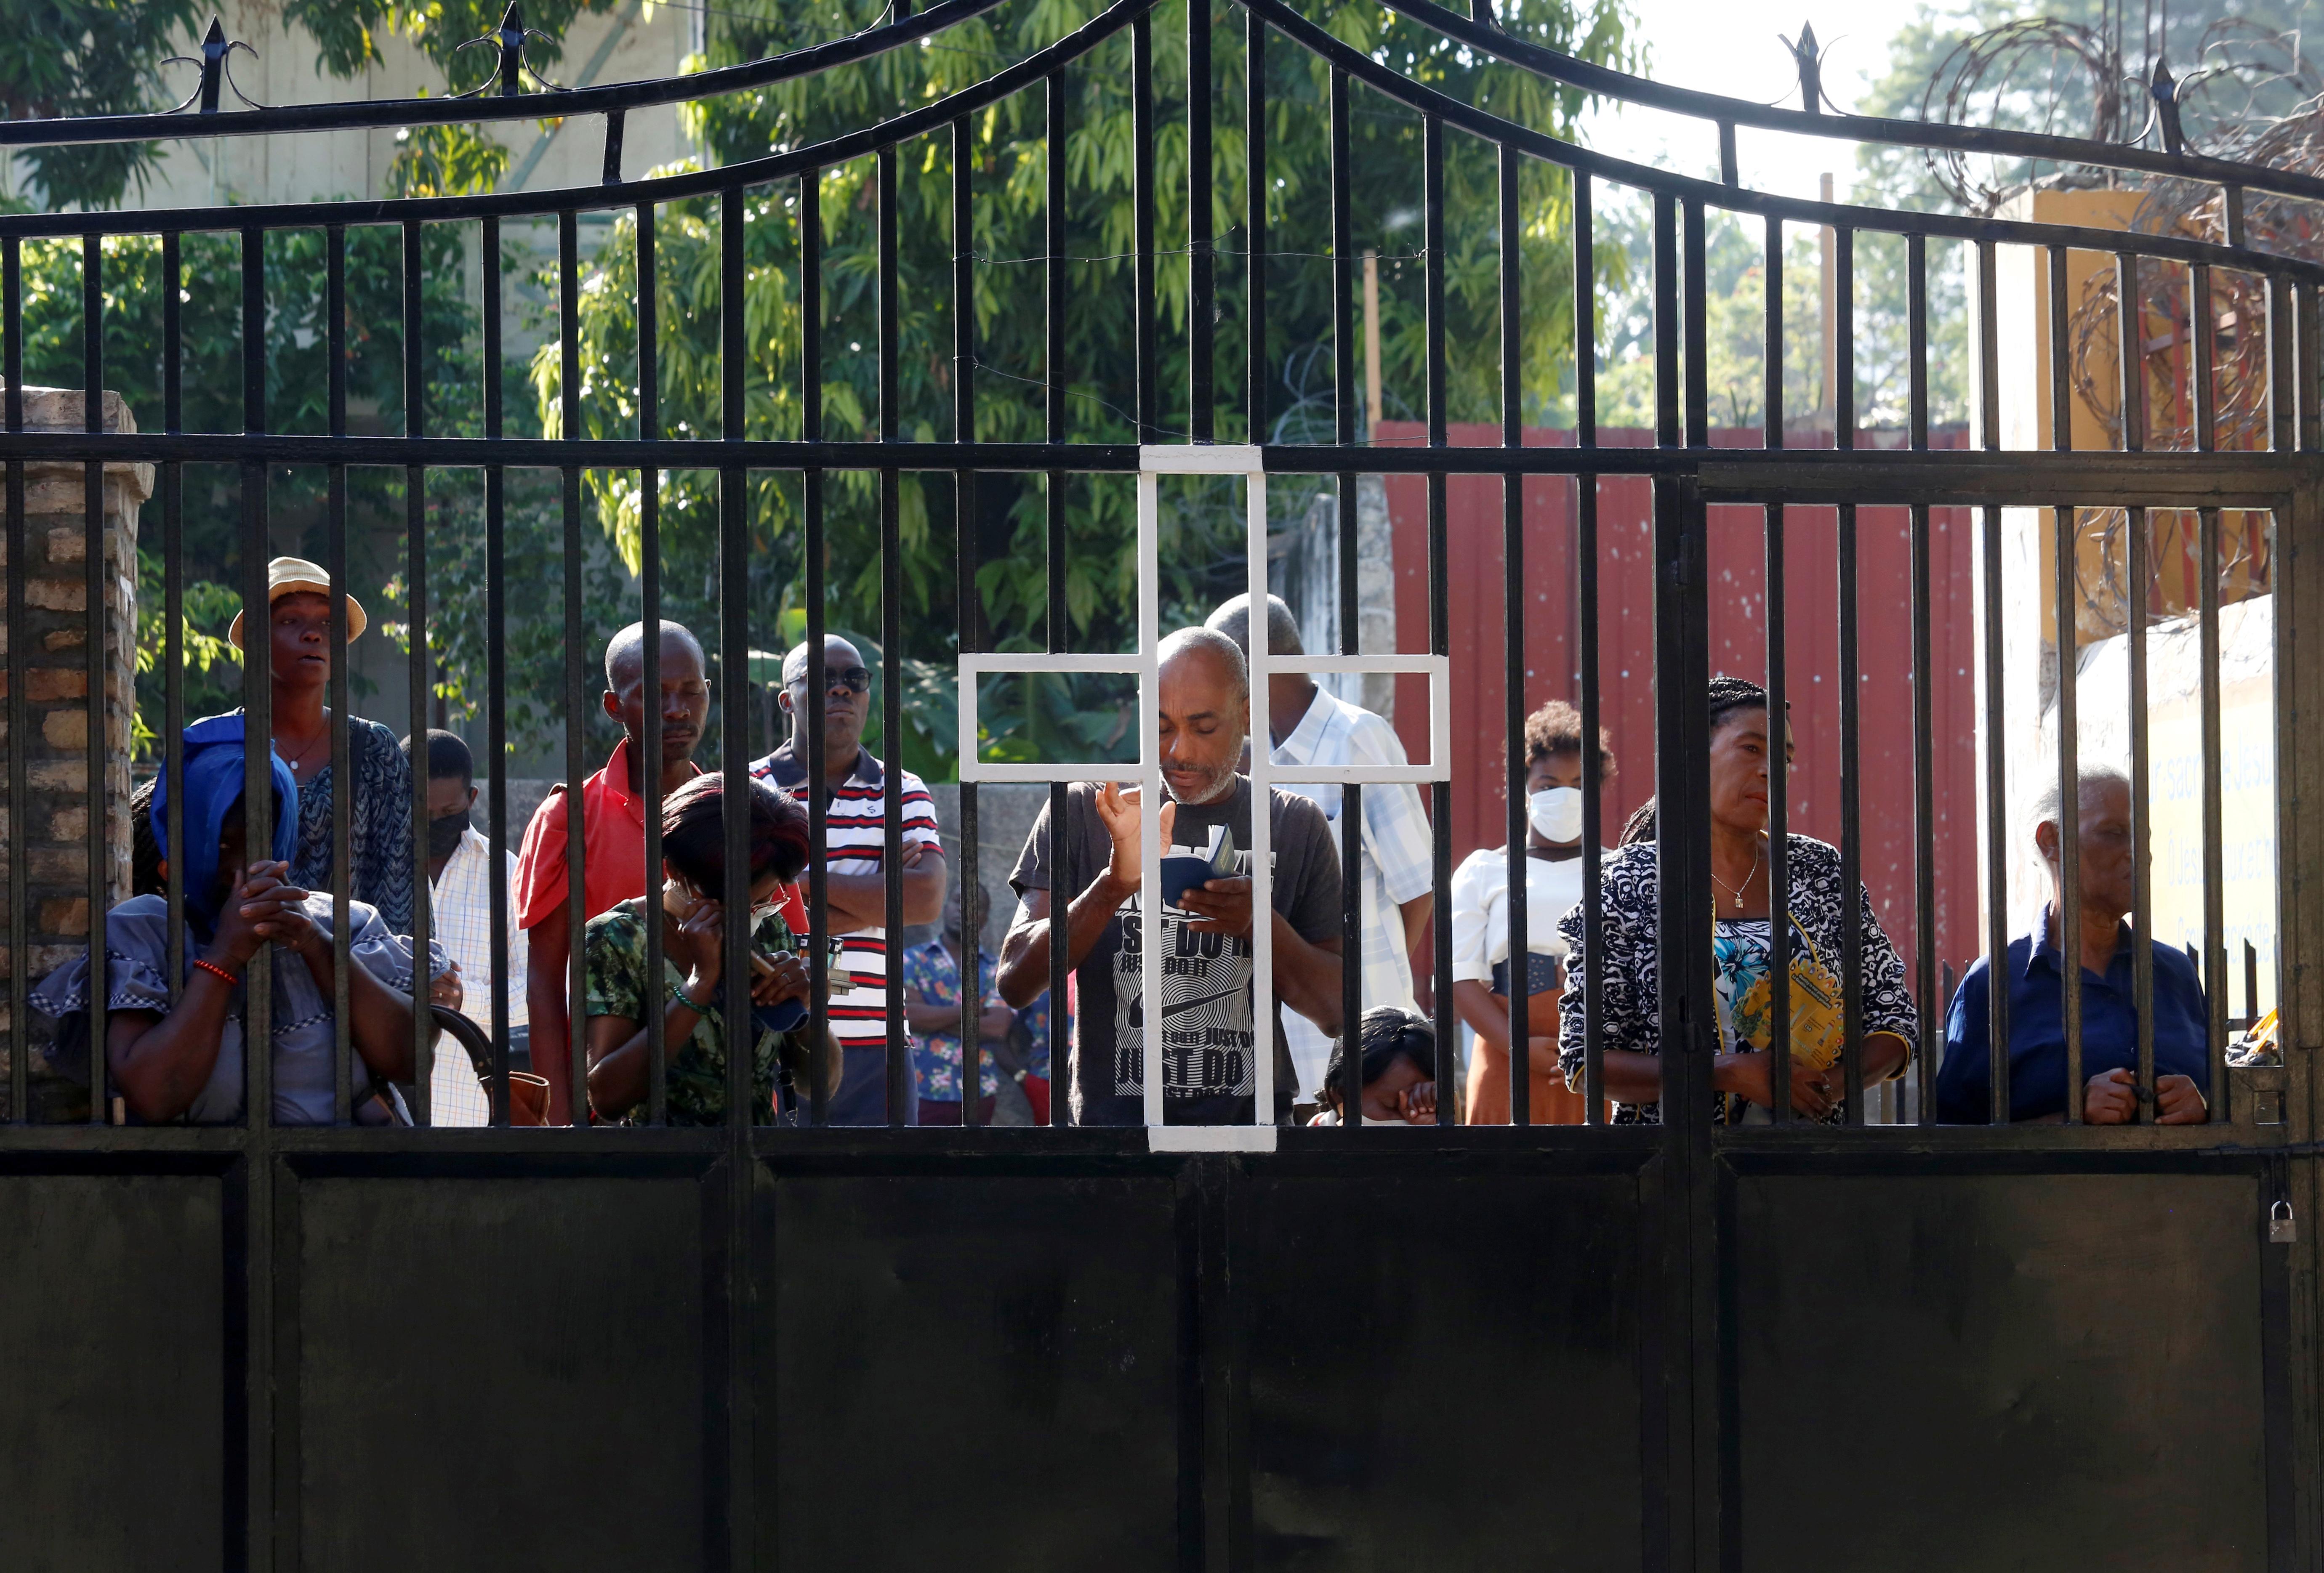 El portón de la iglesia principal de Puerto Príncipe, con cientos de fieles agrupándose para celebrar Pascuas